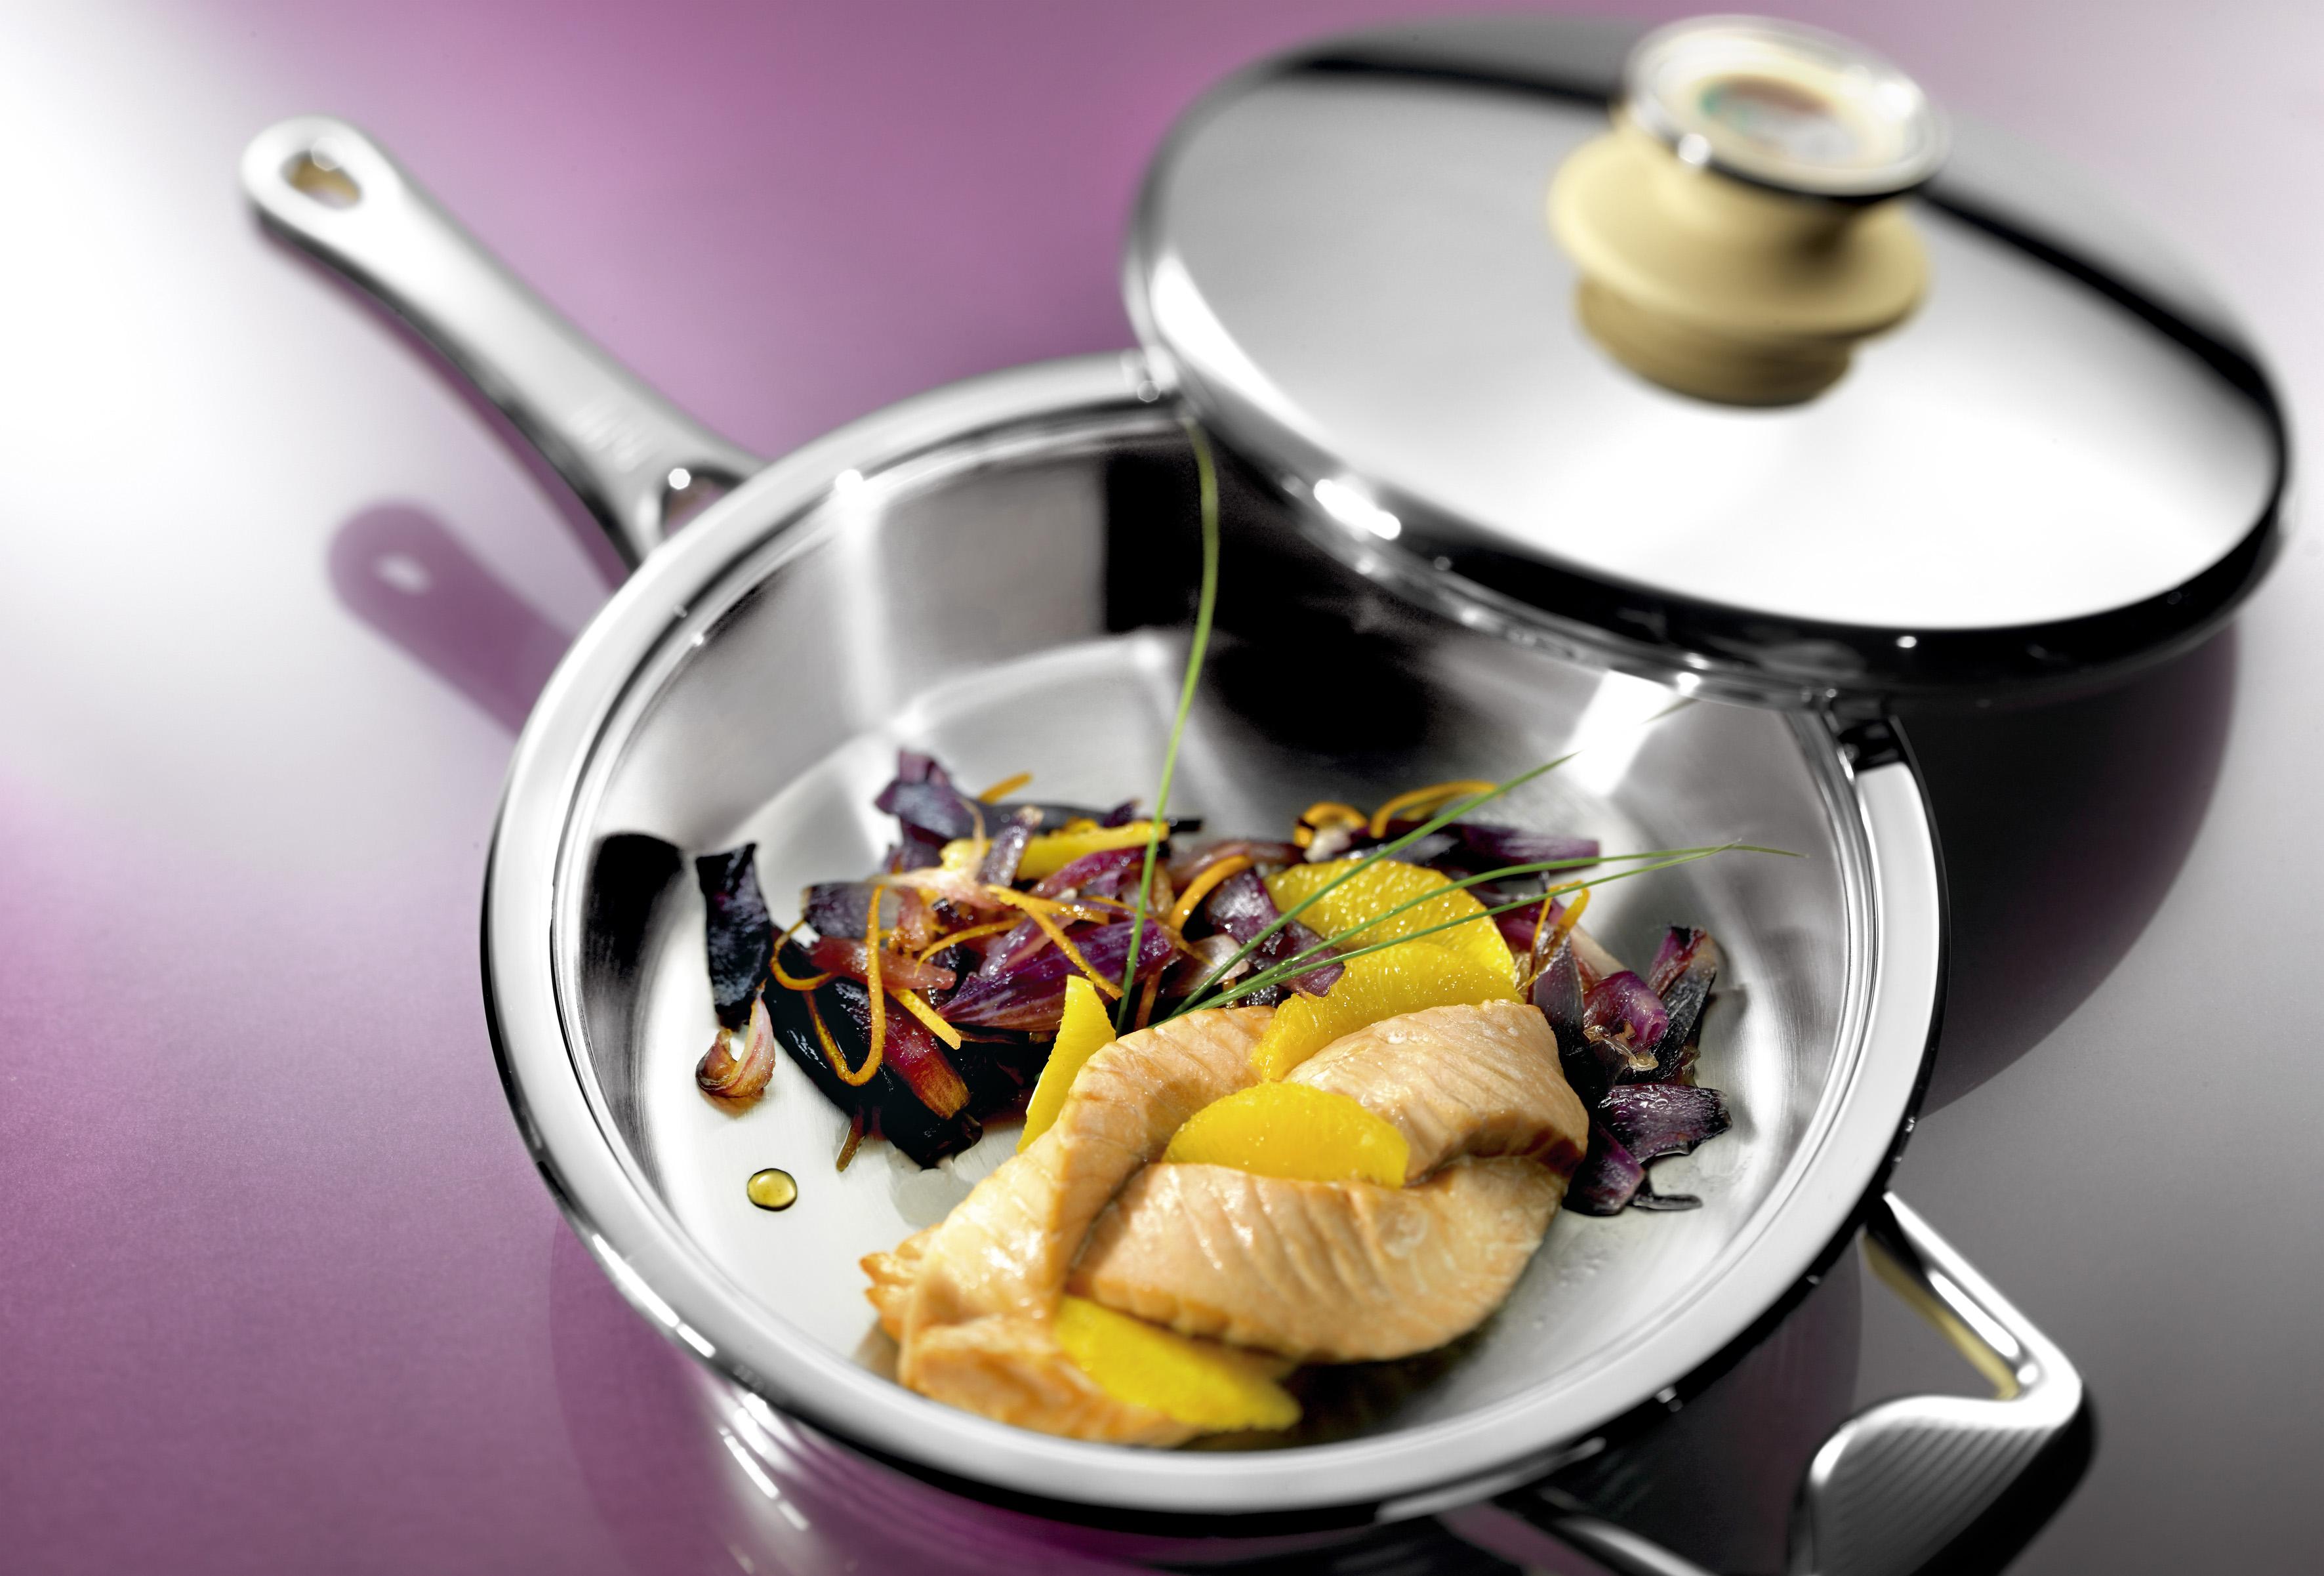 Фото сковороды Цептер с едой